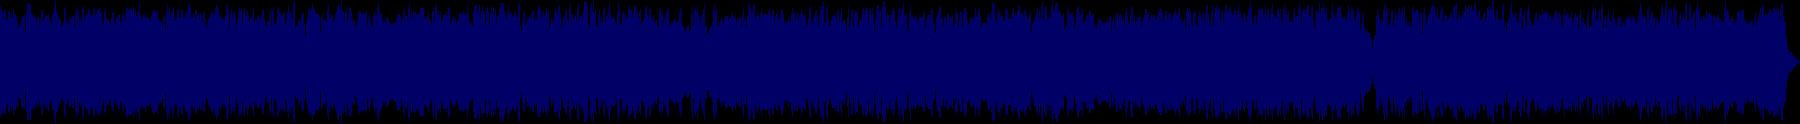 waveform of track #70889